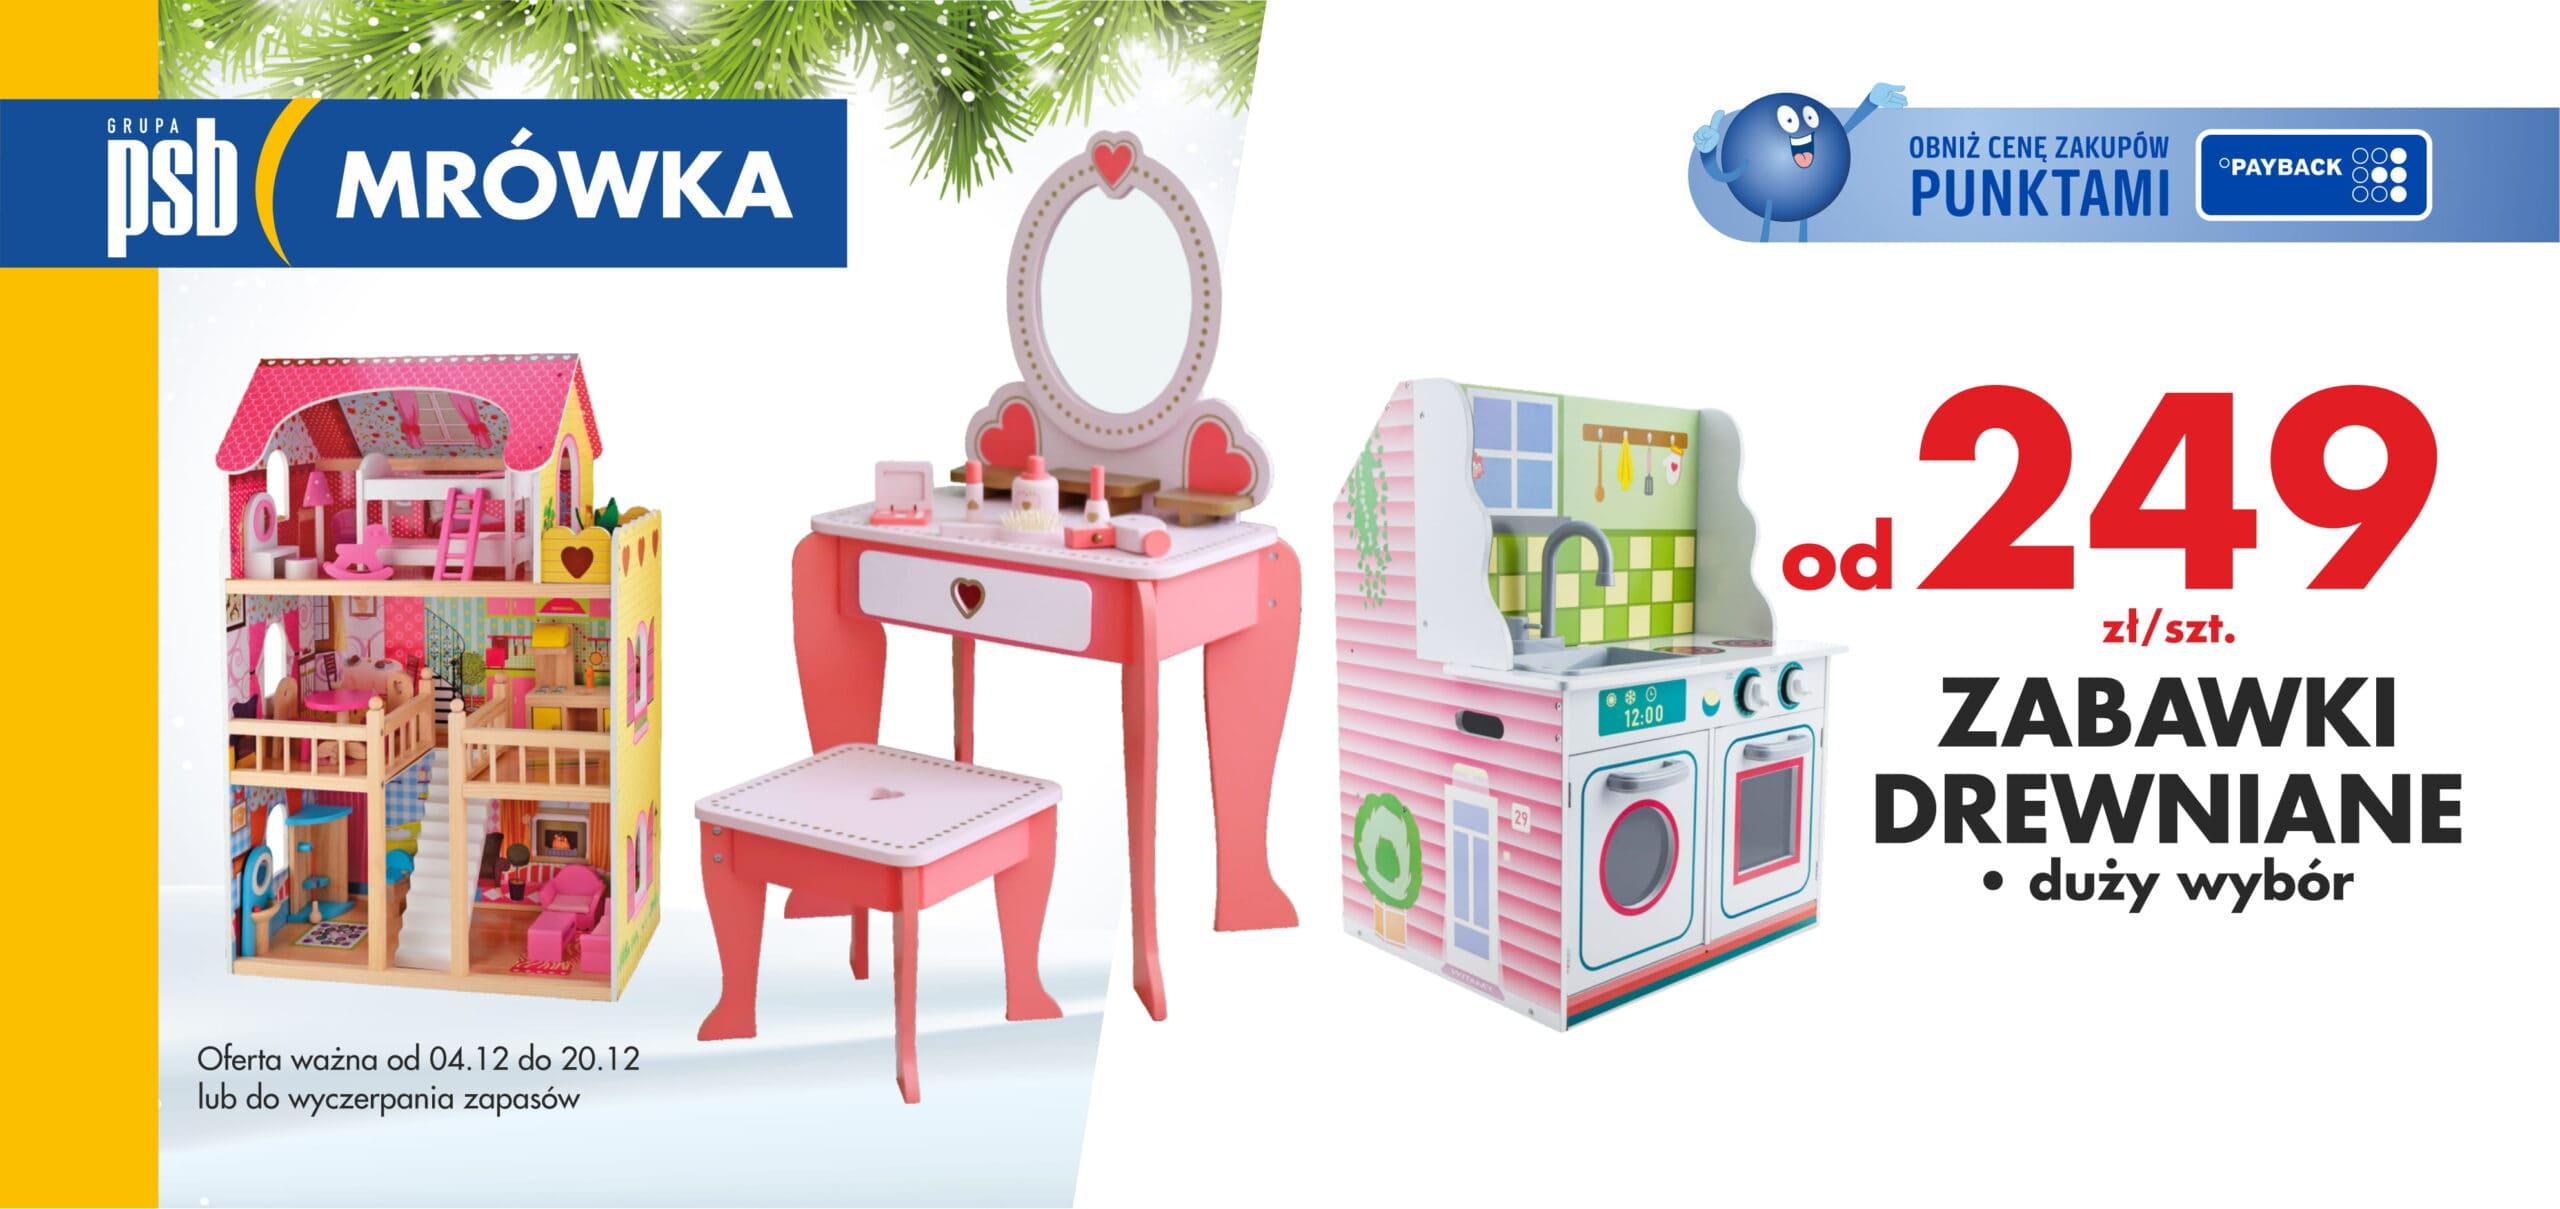 Zabawki-4iQ-504x238-1-scaled